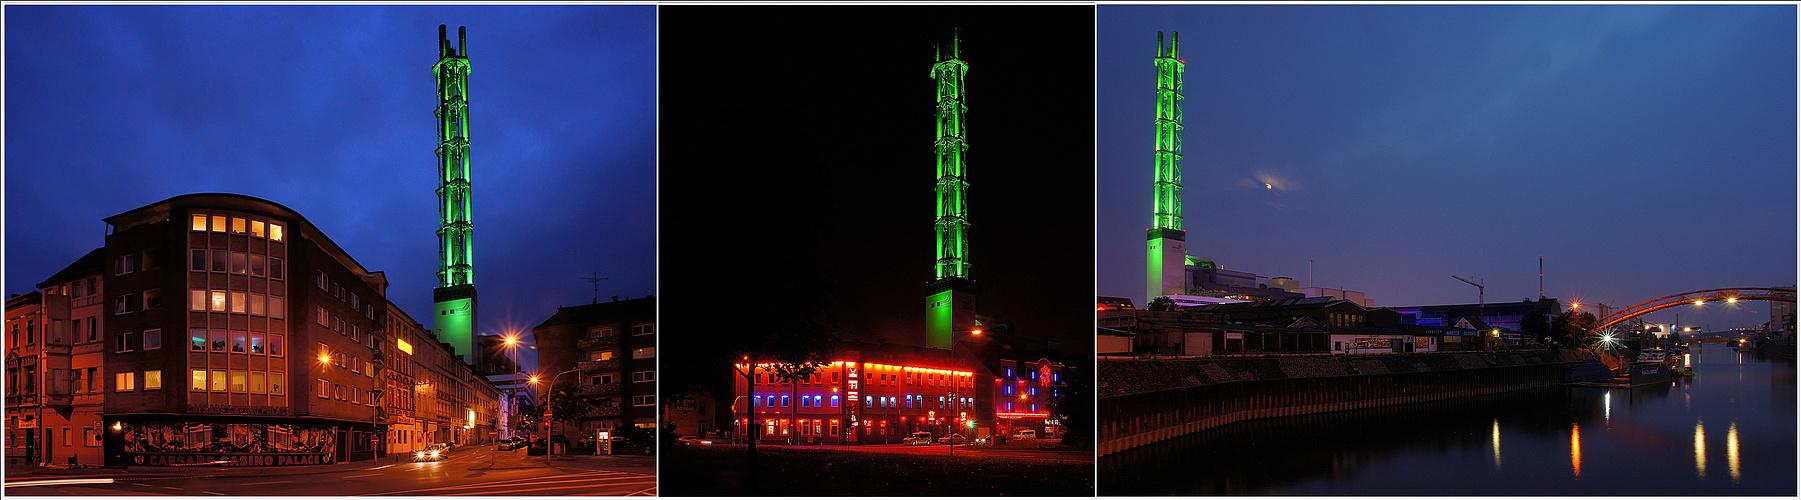 Die Duisburger Stadtwerke geben grünes Licht für Bordell